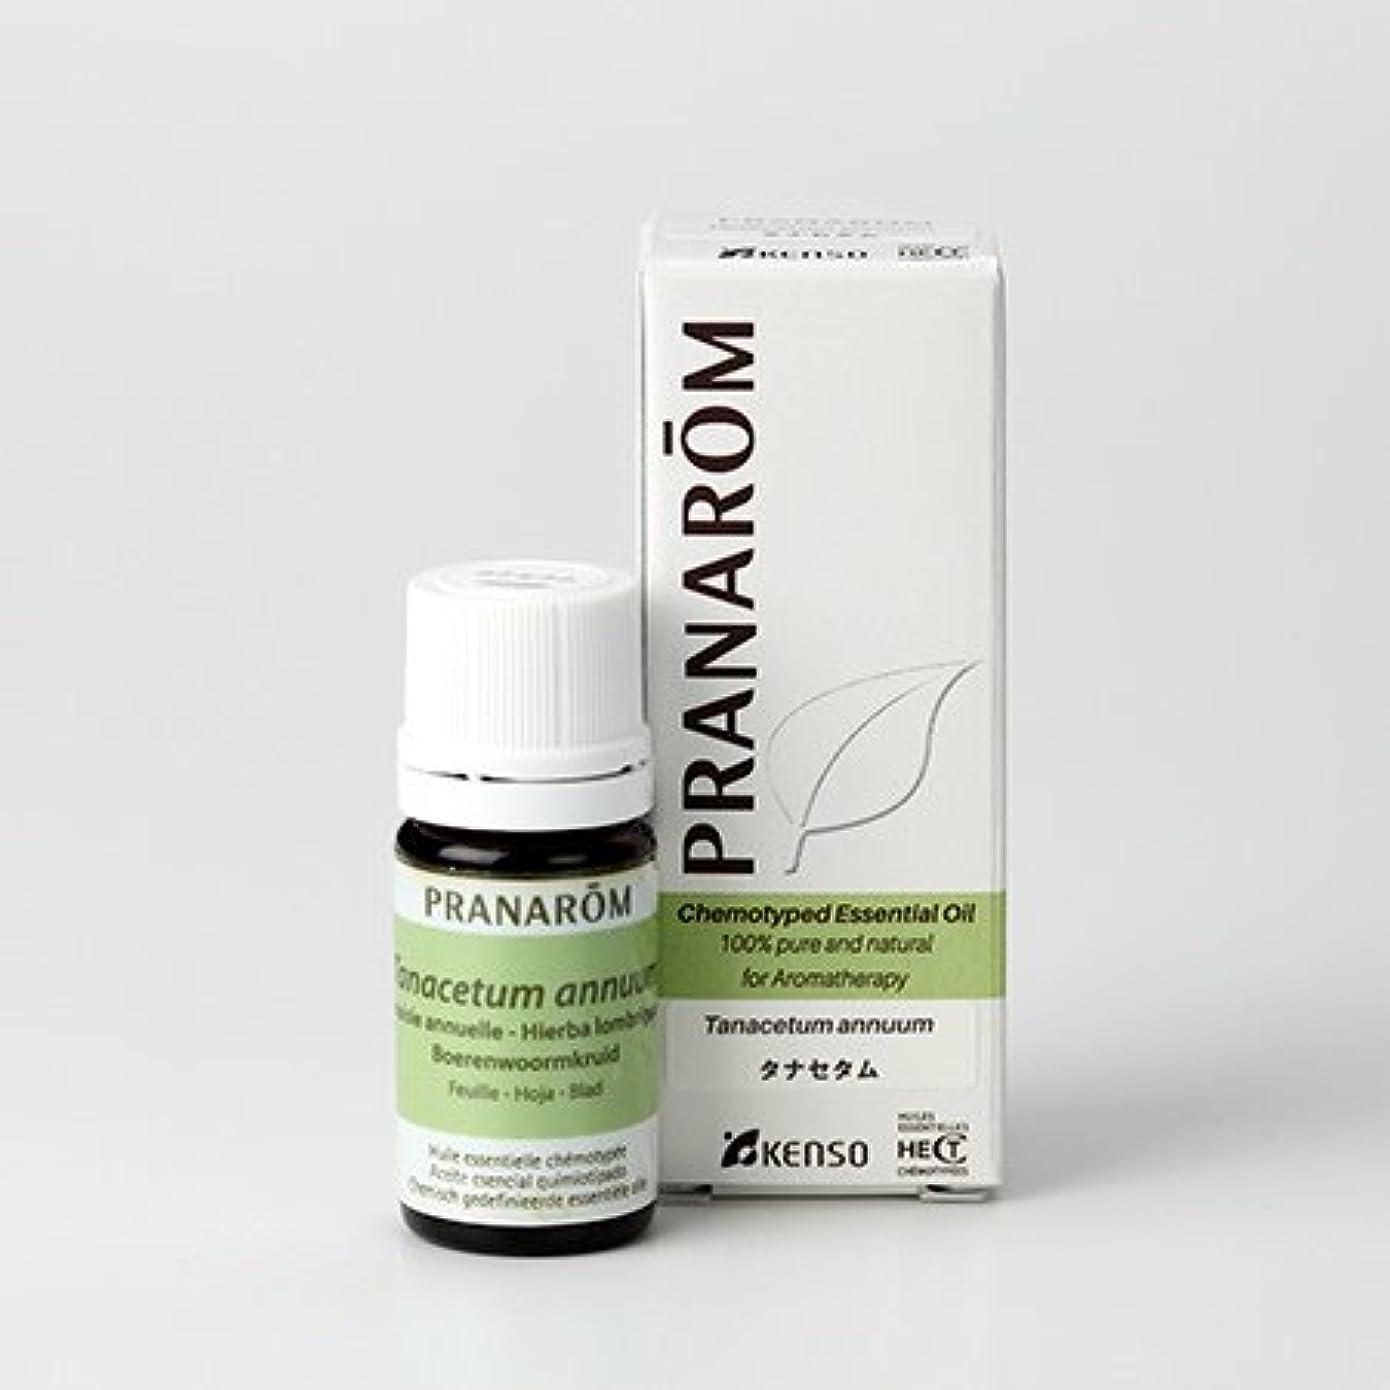 エーカー苗フォアタイププラナロム タナセタム 5ml (PRANAROM ケモタイプ精油)